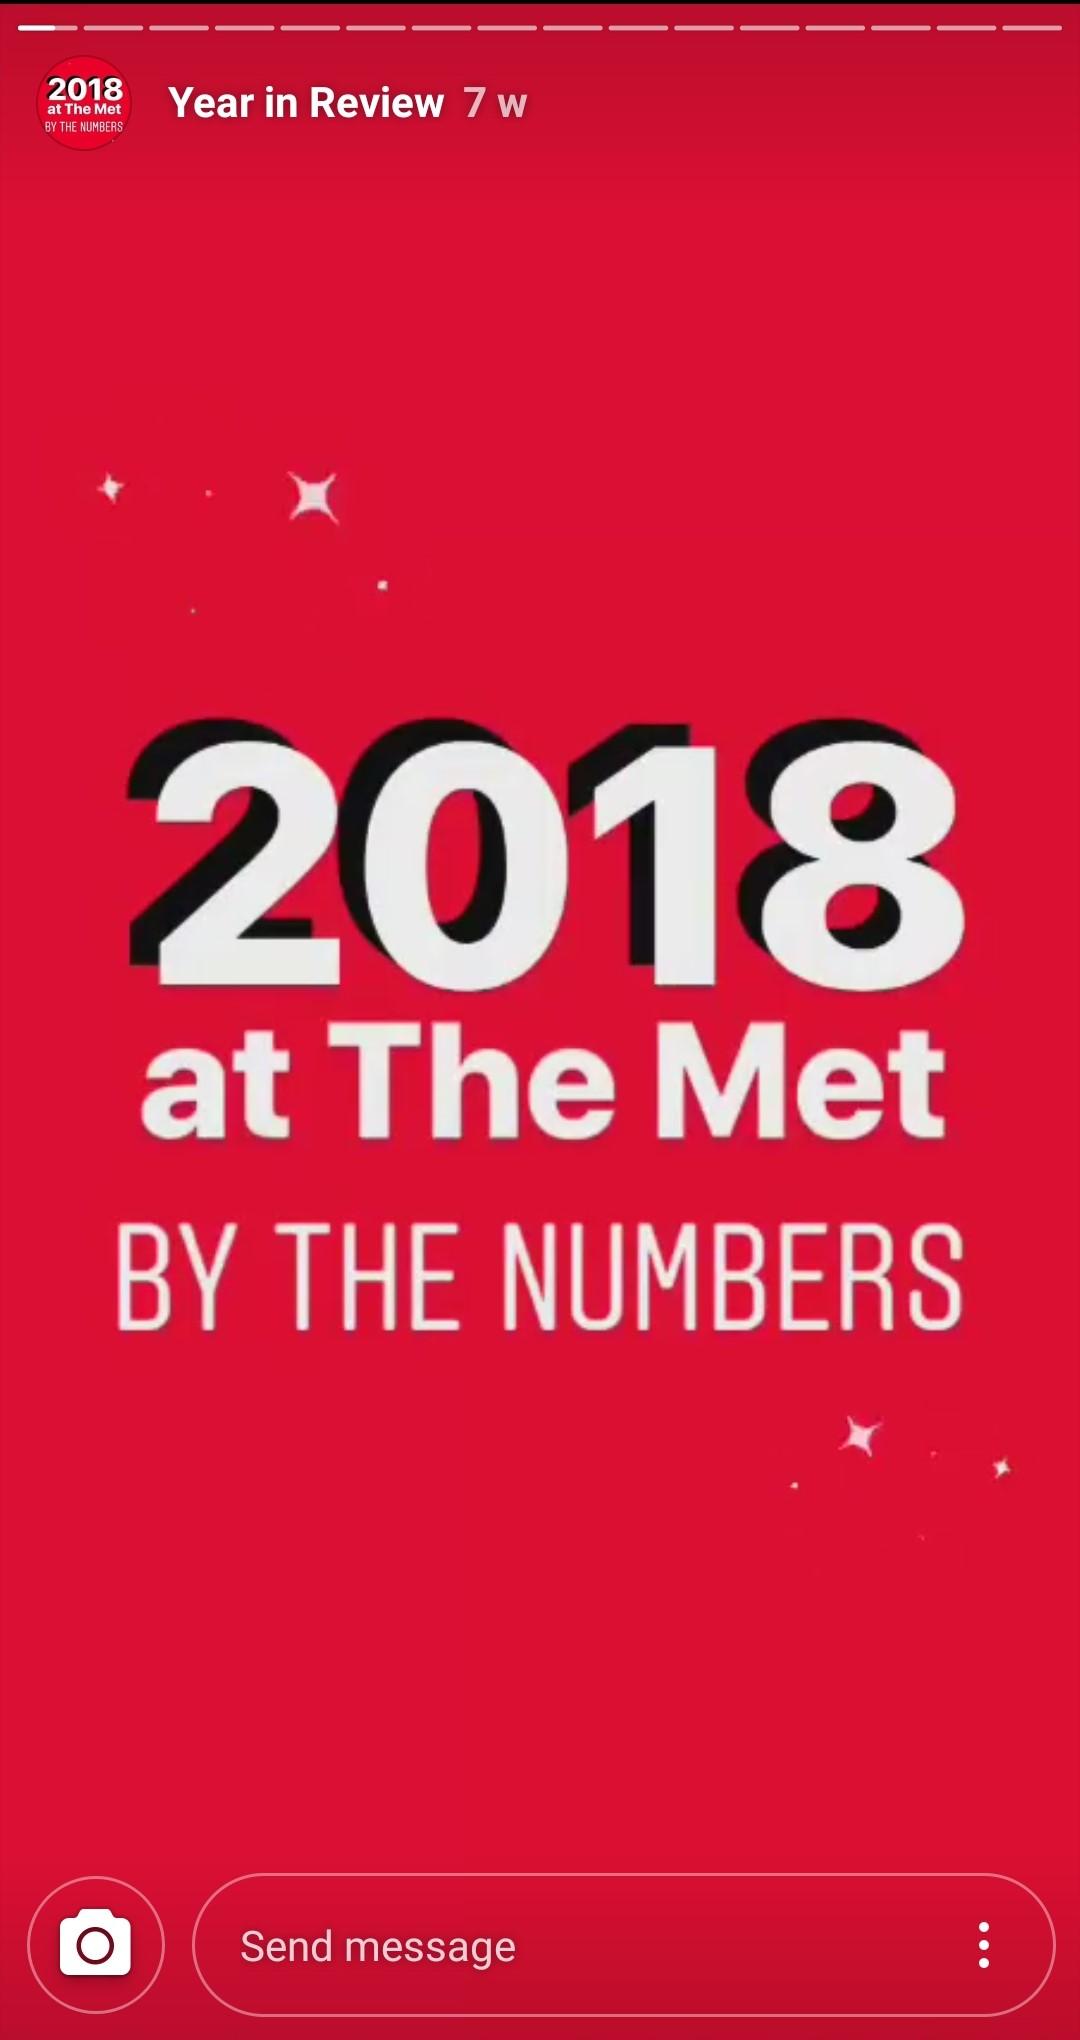 Met's 2018 numbers